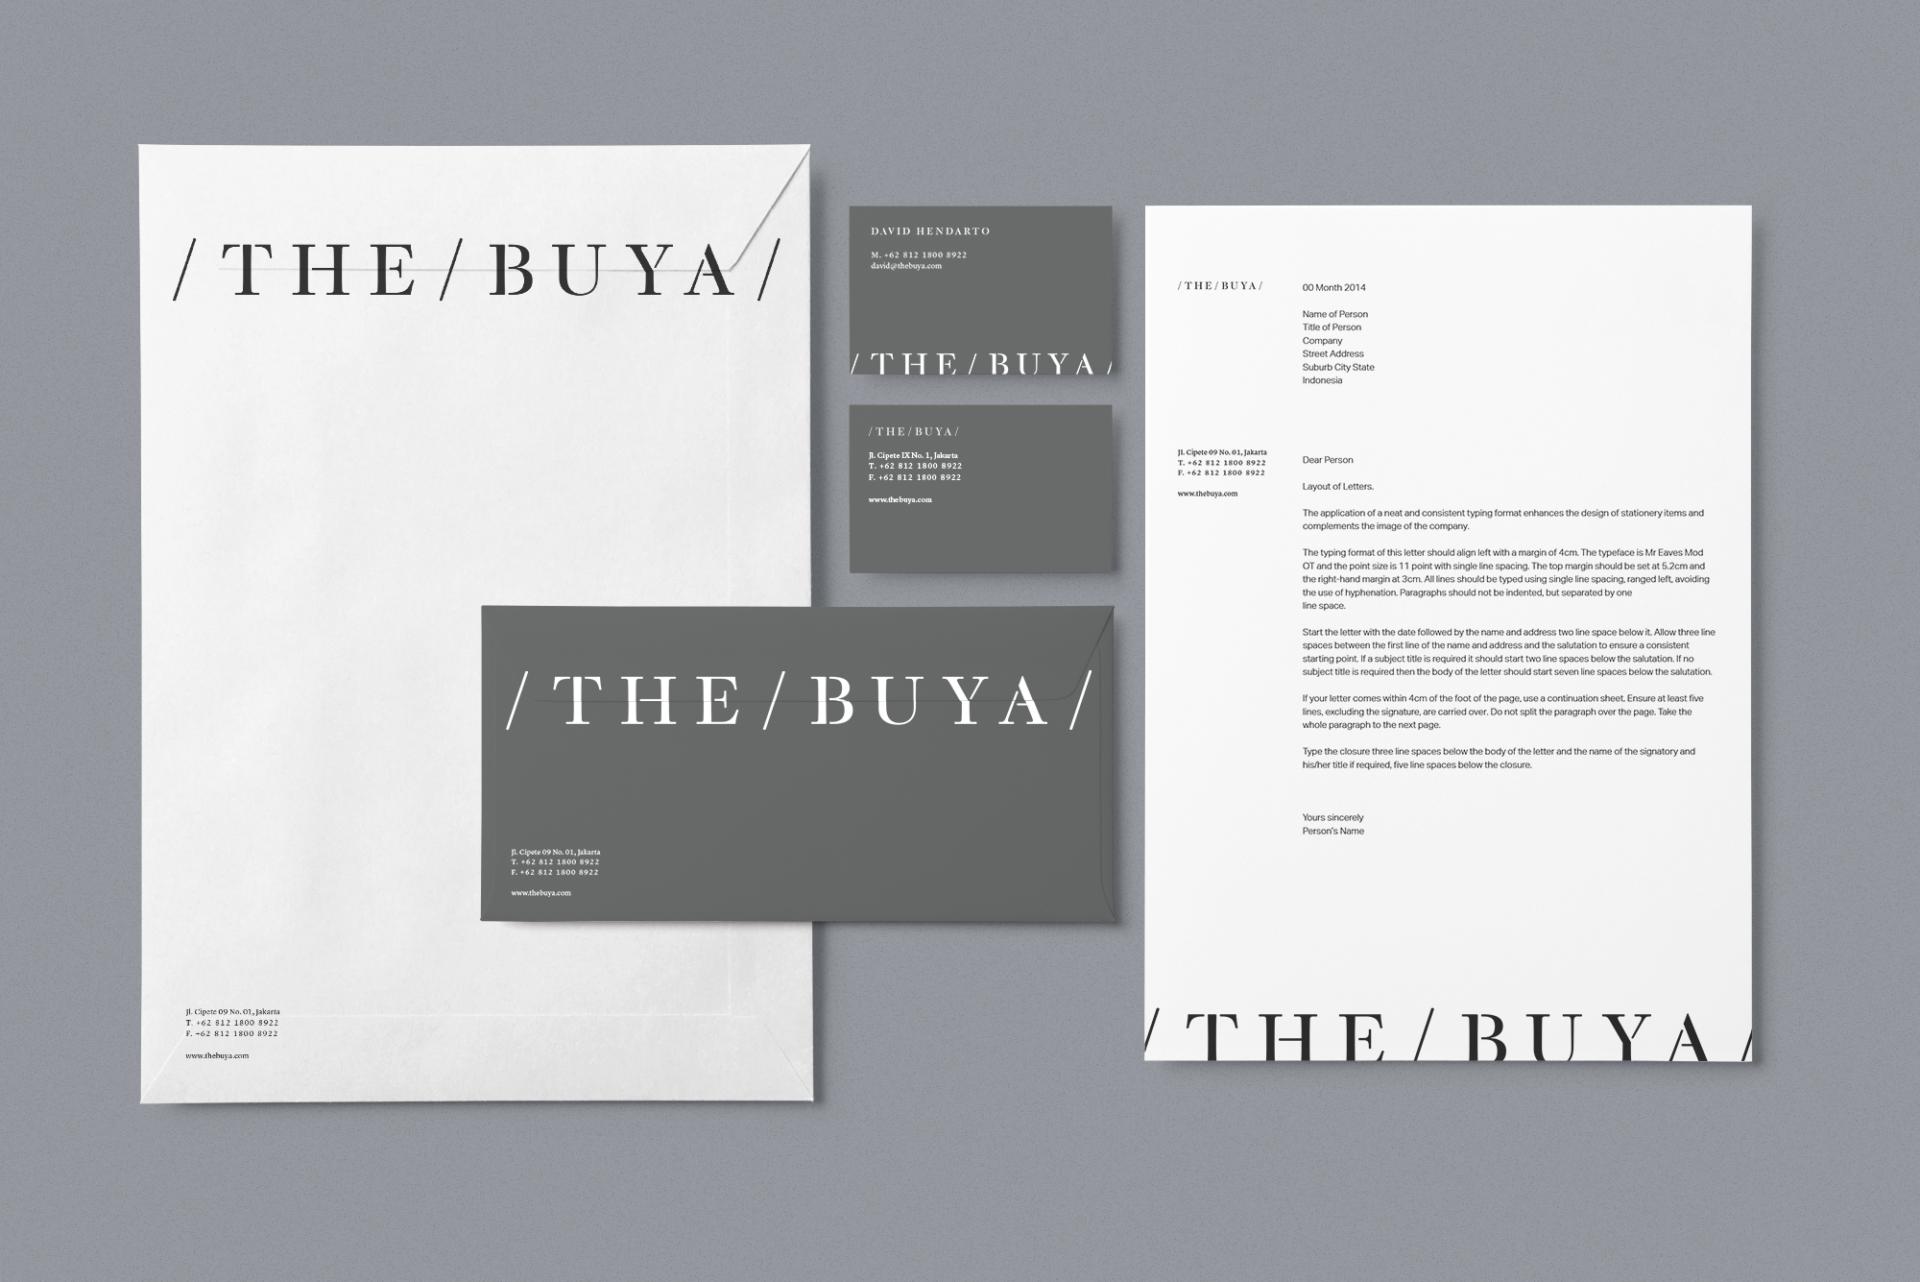 The-Buya-01